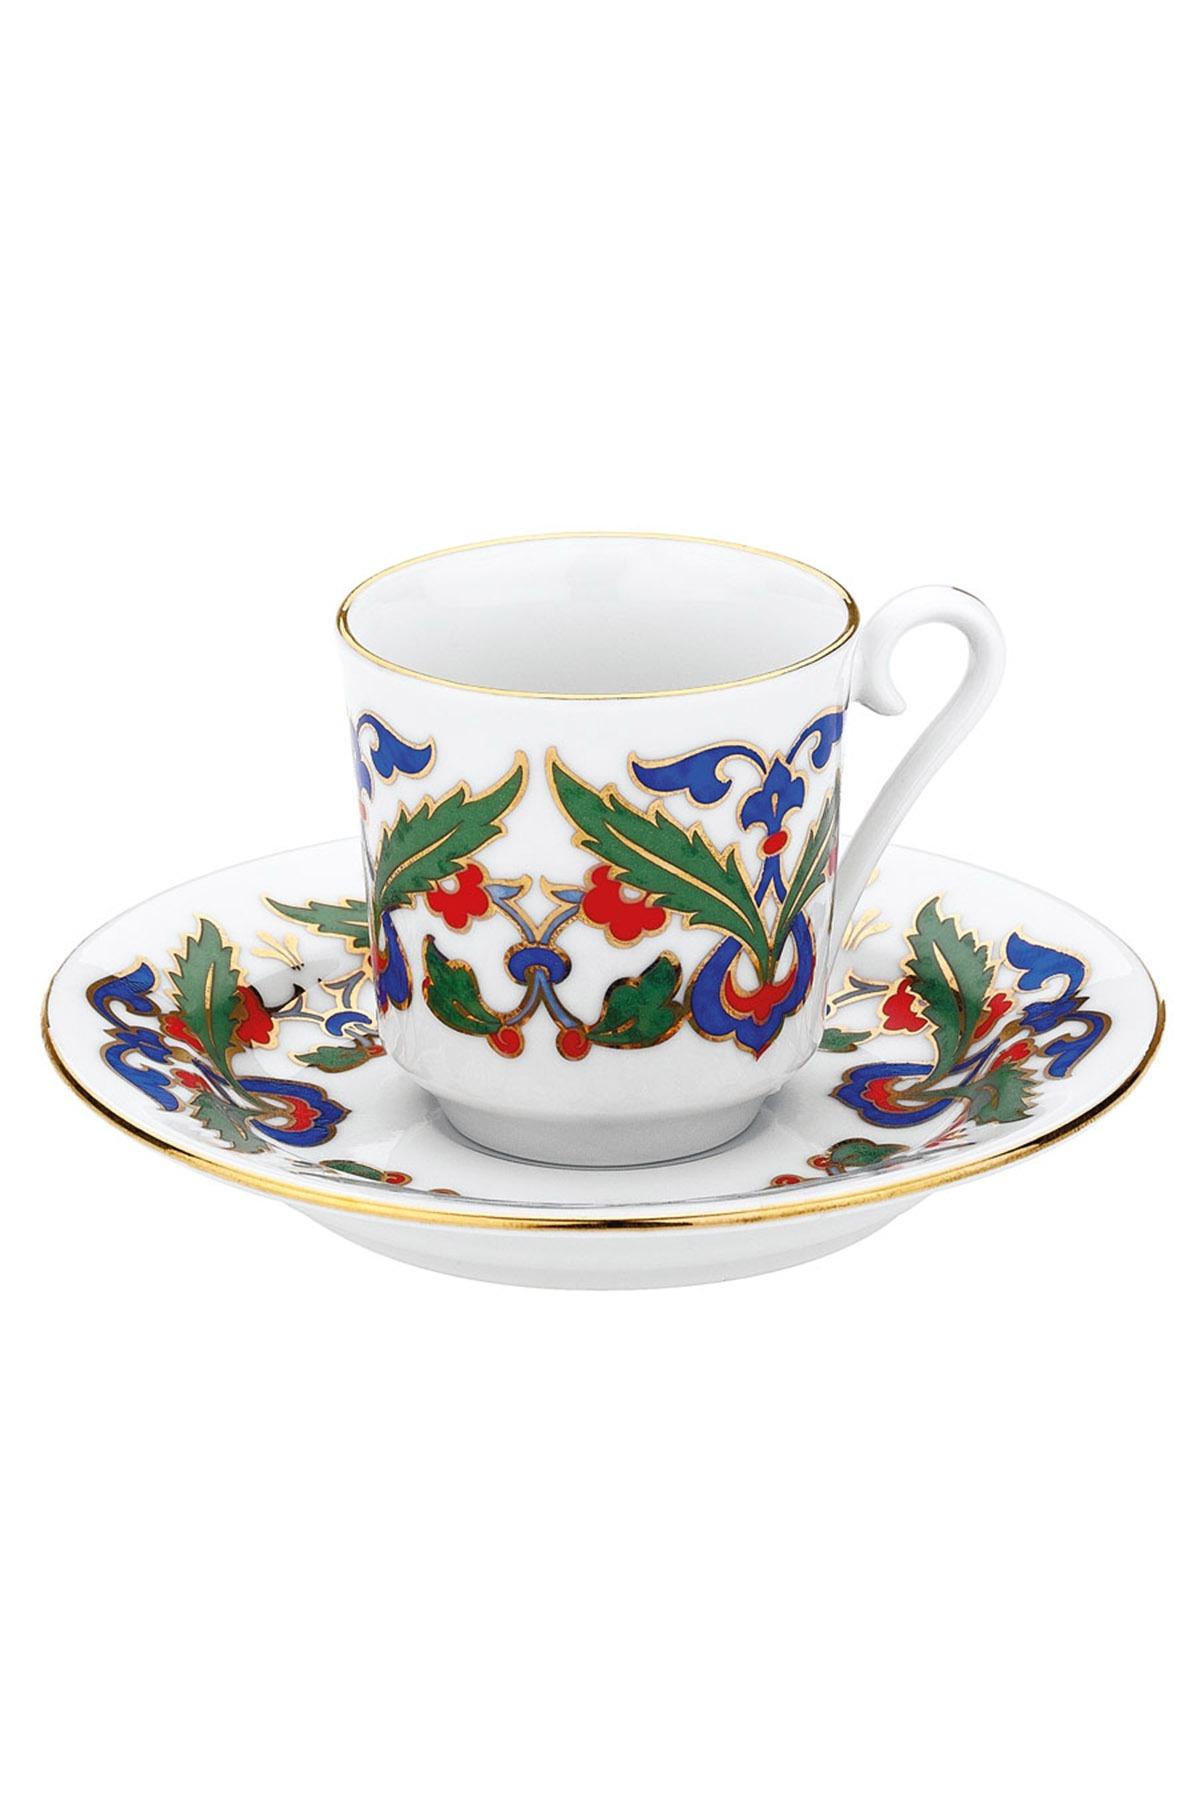 Kütahya Porselen 551 Desen Kahve Fincan Takımı